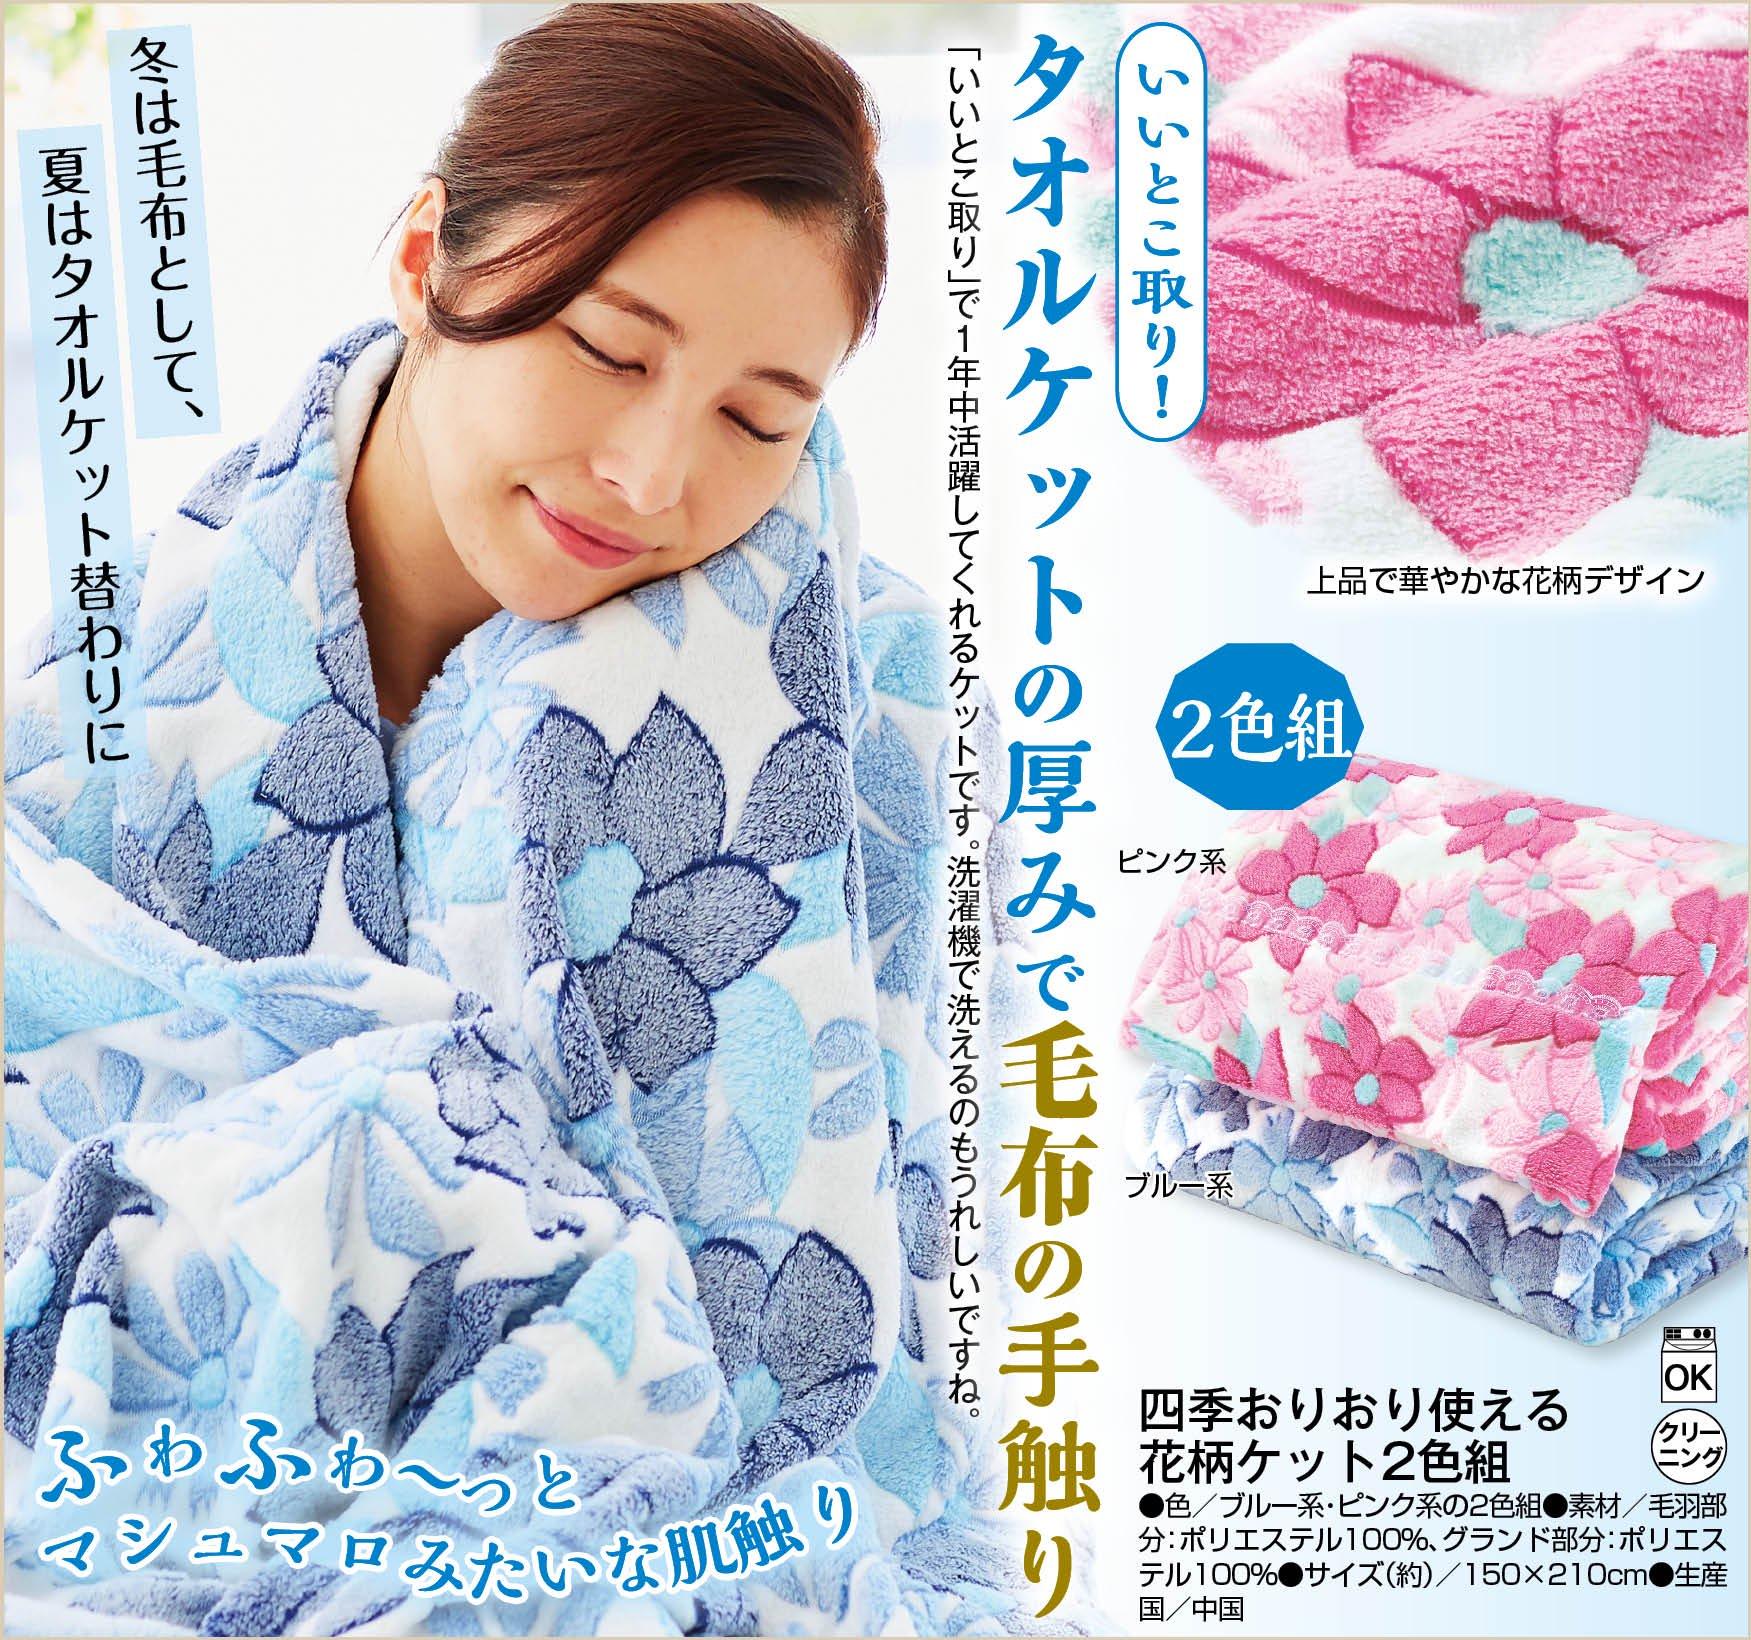 四季おりおり使える花柄ケット ピンク系、ブルー系の2色組